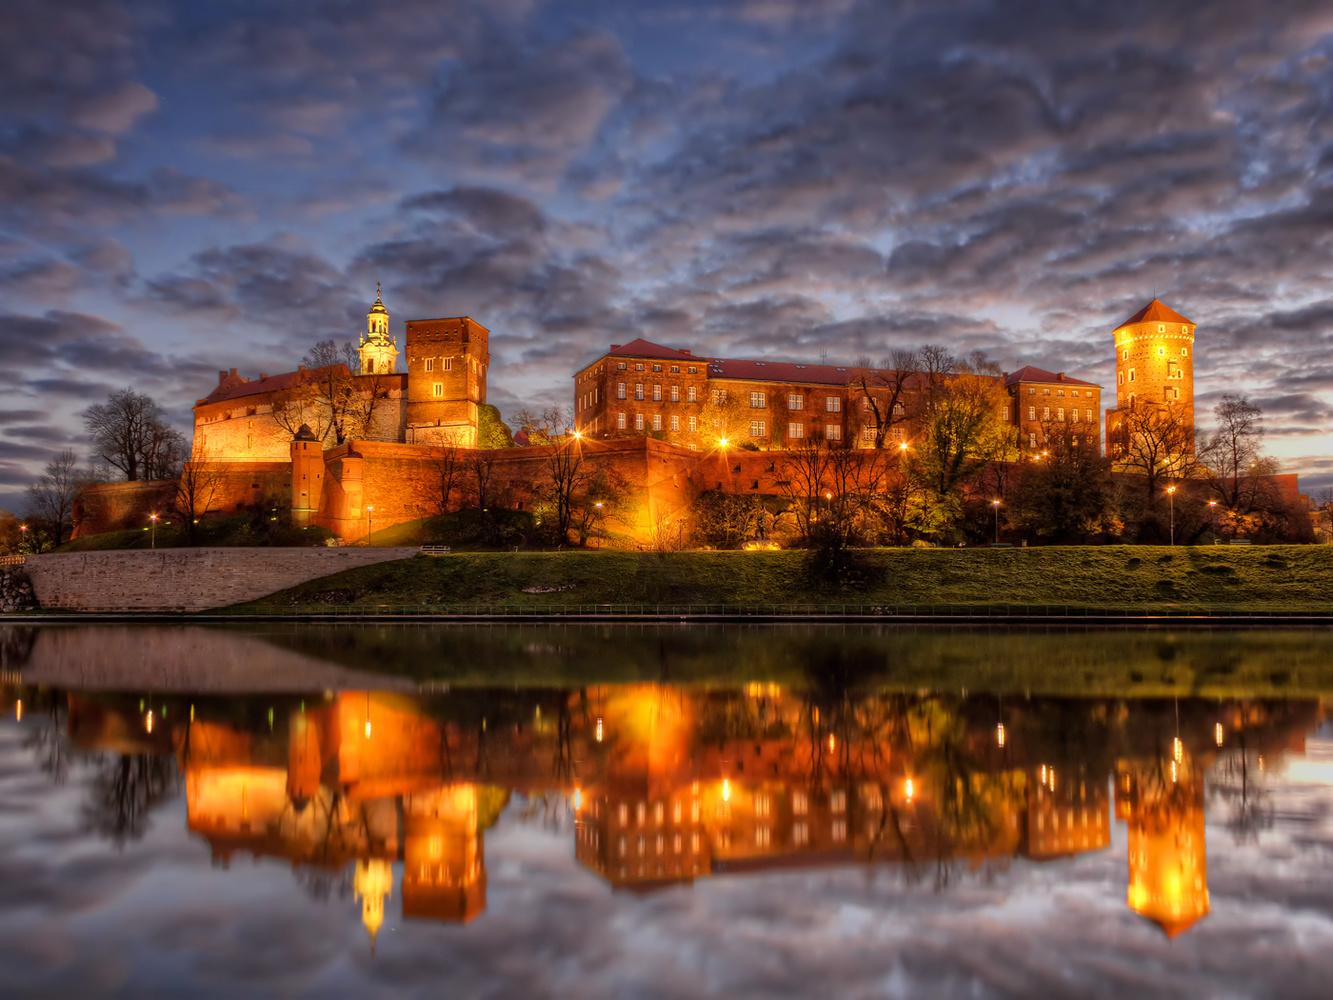 Wawel | Kraków, Poland by Nico Trinkhaus